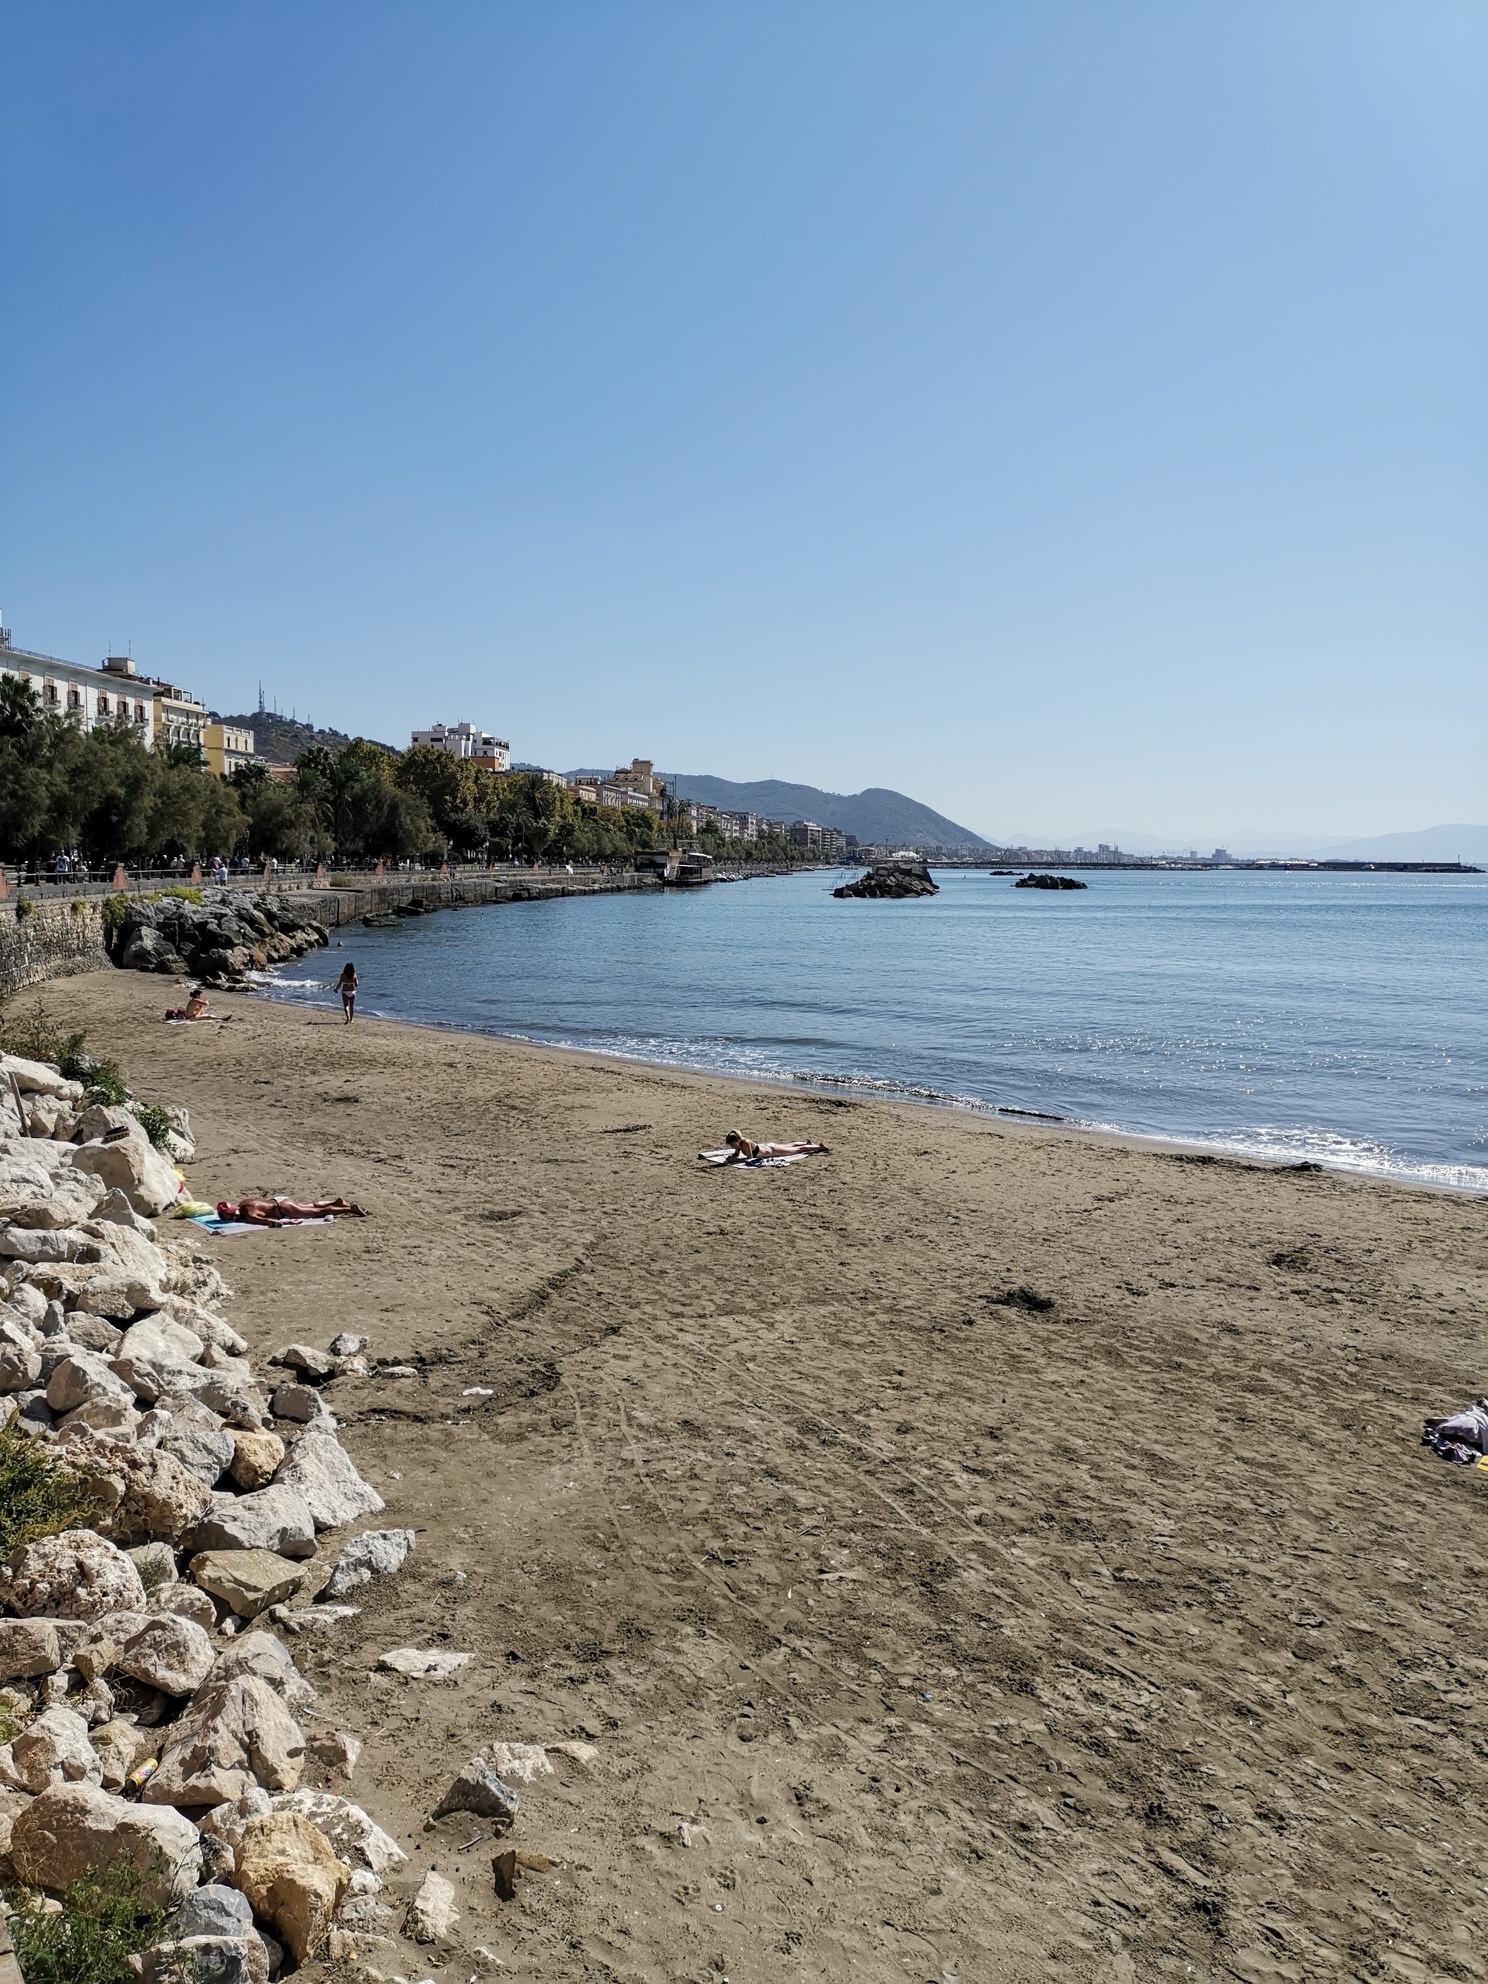 Ferienwohnung  (2684726), Salerno, Salerno, Kampanien, Italien, Bild 32